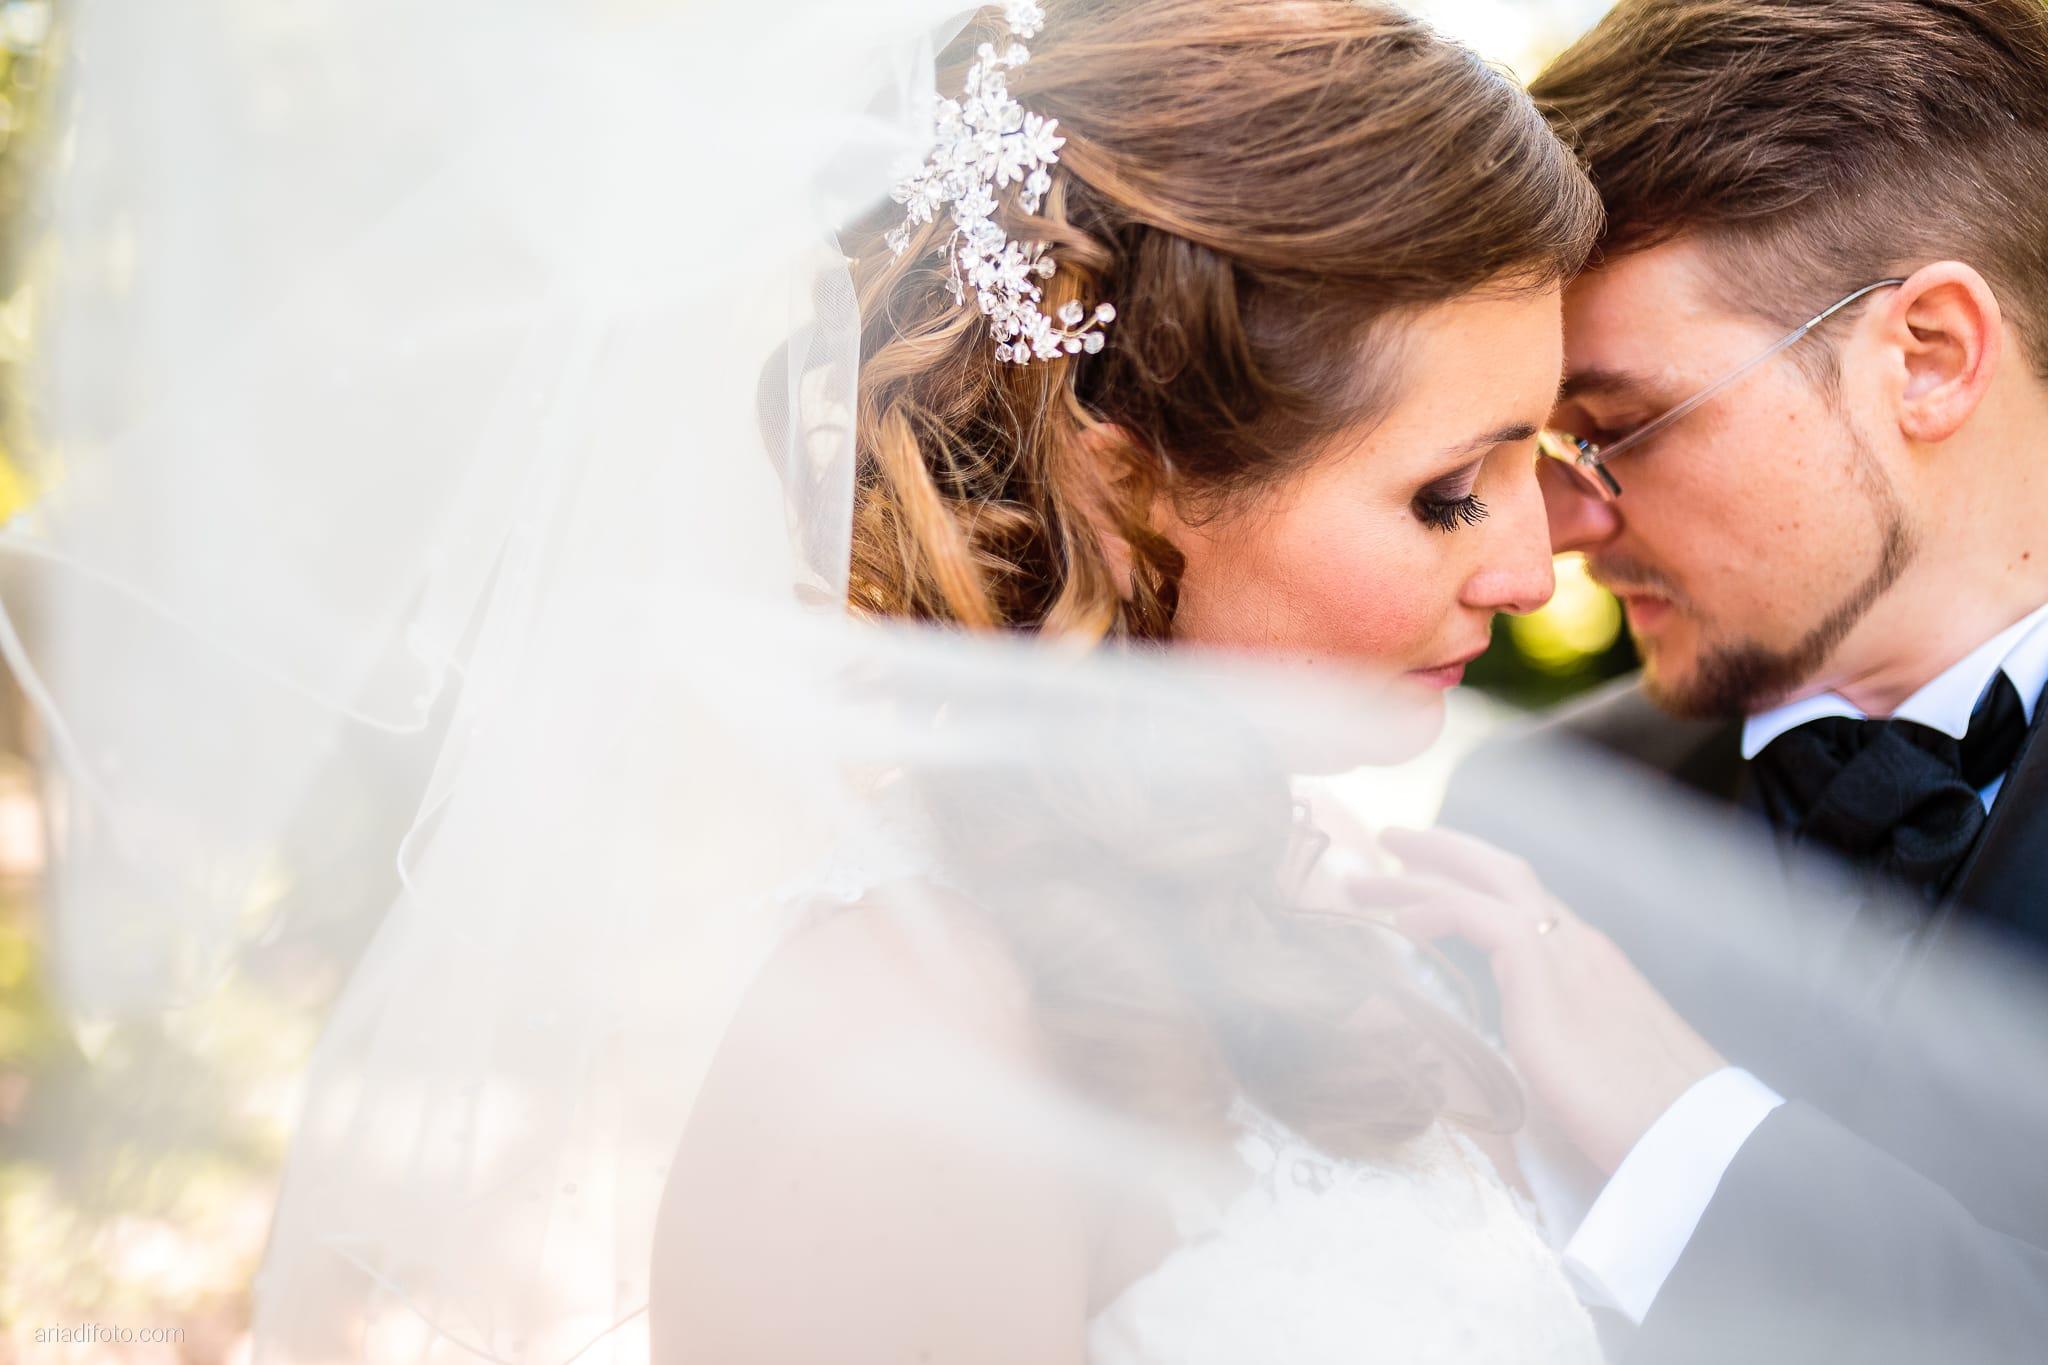 Martina Daniele Matrimonio Duino Baronesse Tacco Collio Gorizia ritratti sposi velo